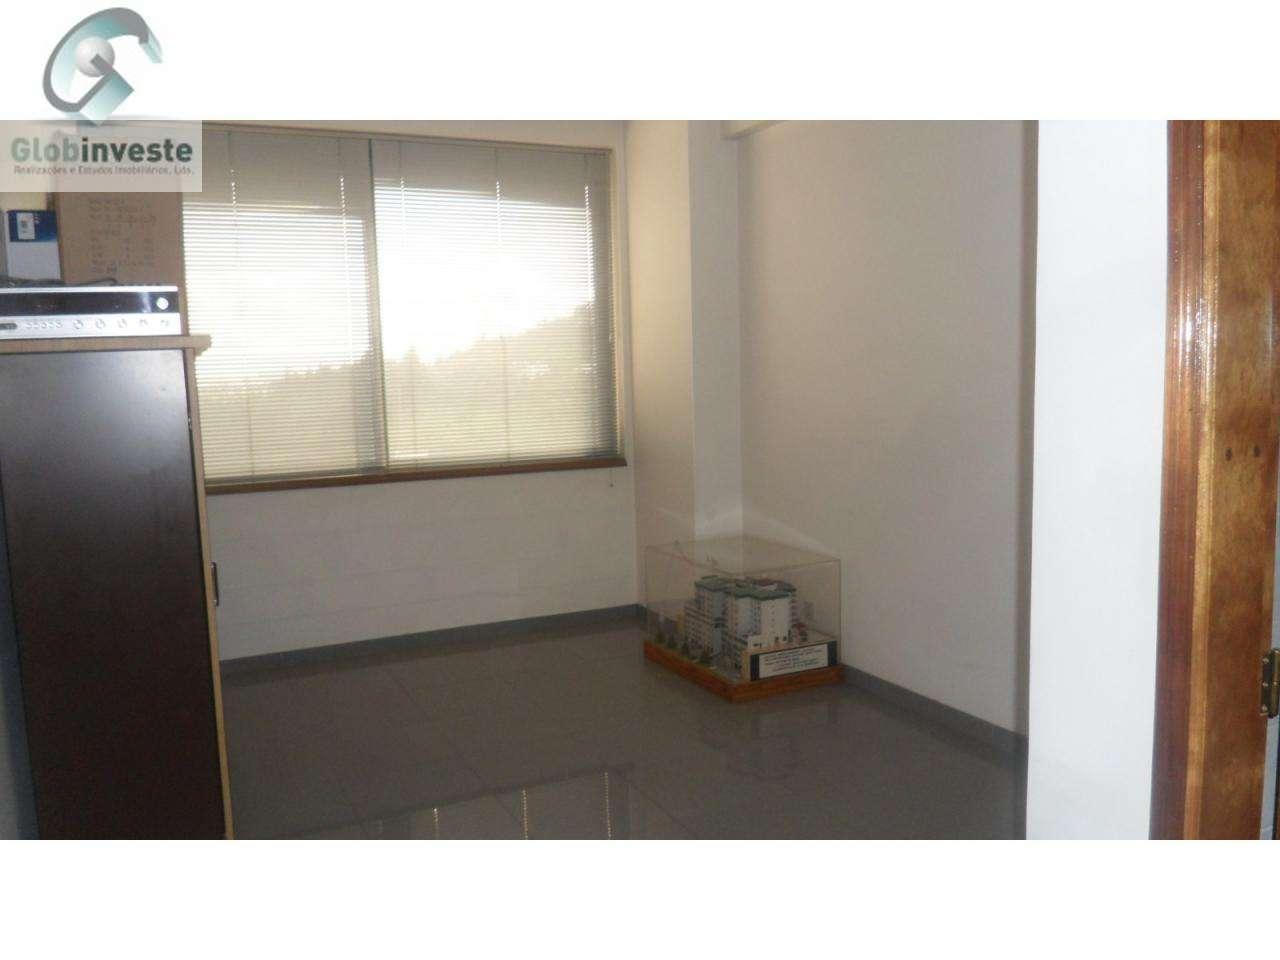 Escritório para arrendar, Espinhosela, Bragança - Foto 2